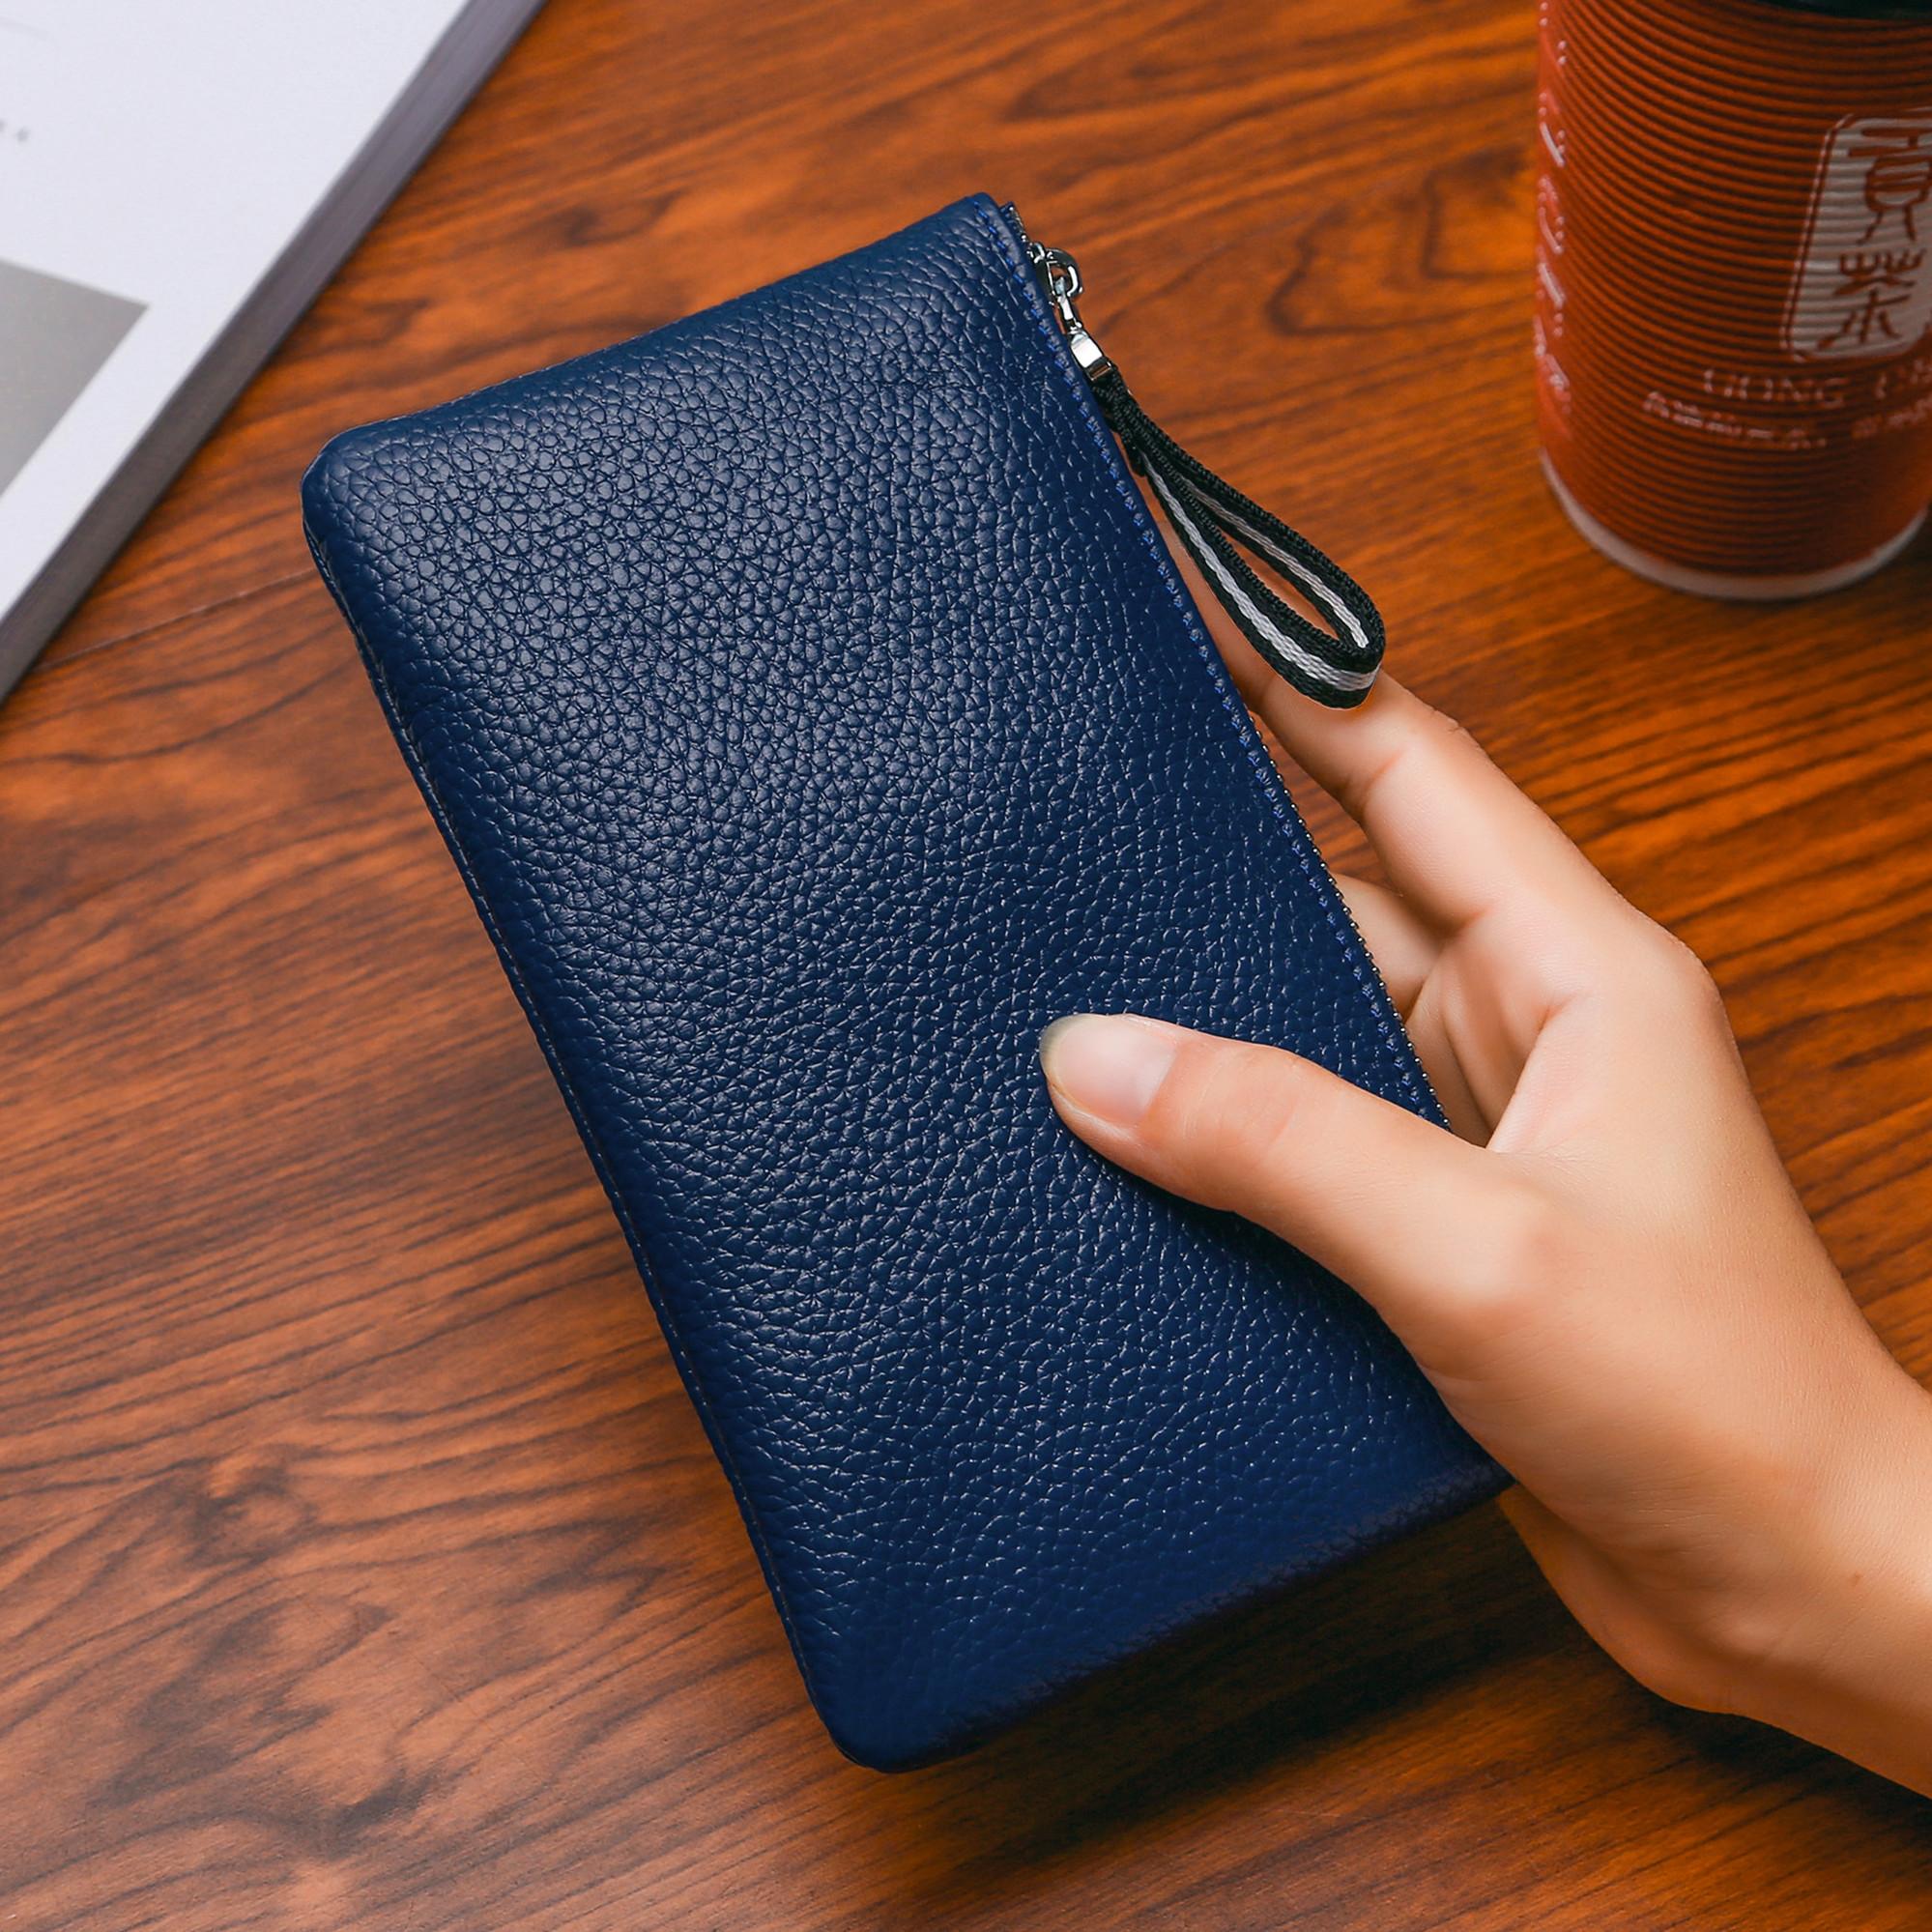 头层牛皮长款女士钱包真皮手包手机钱夹超薄拉链手拿卡包零钱包男